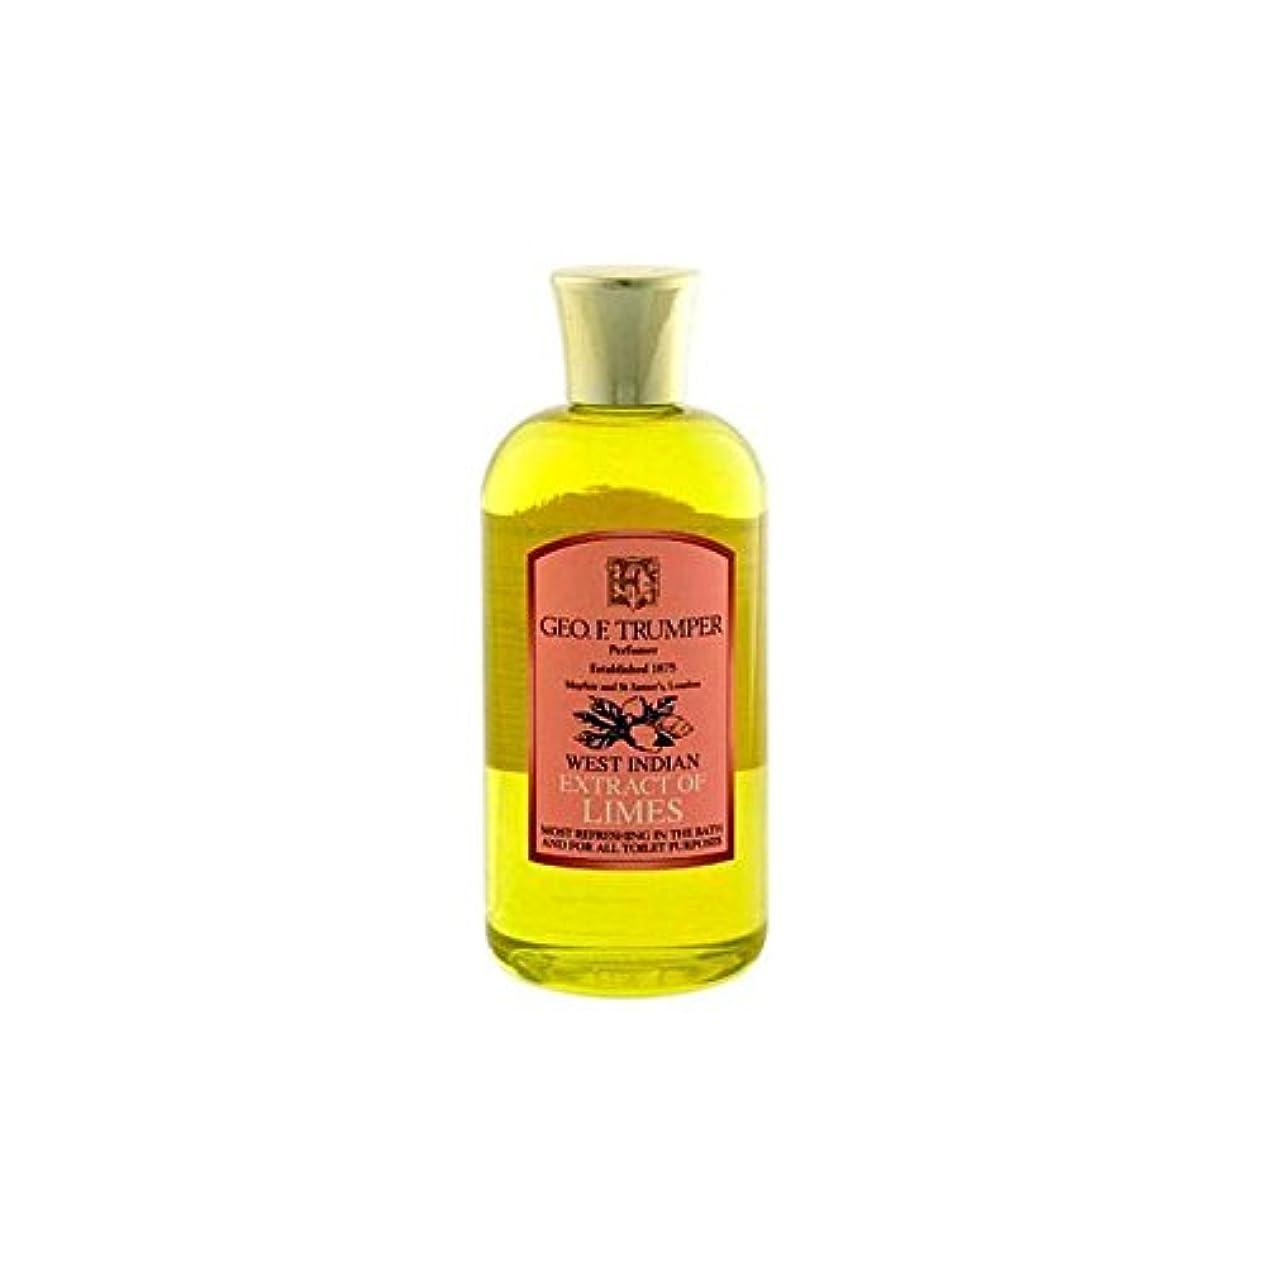 る慢性的本会議ライムのバスタブとシャワージェル200の抽出物を x2 - Trumpers Extracts of Limes Bath and Shower Gel 200ml (Pack of 2) [並行輸入品]